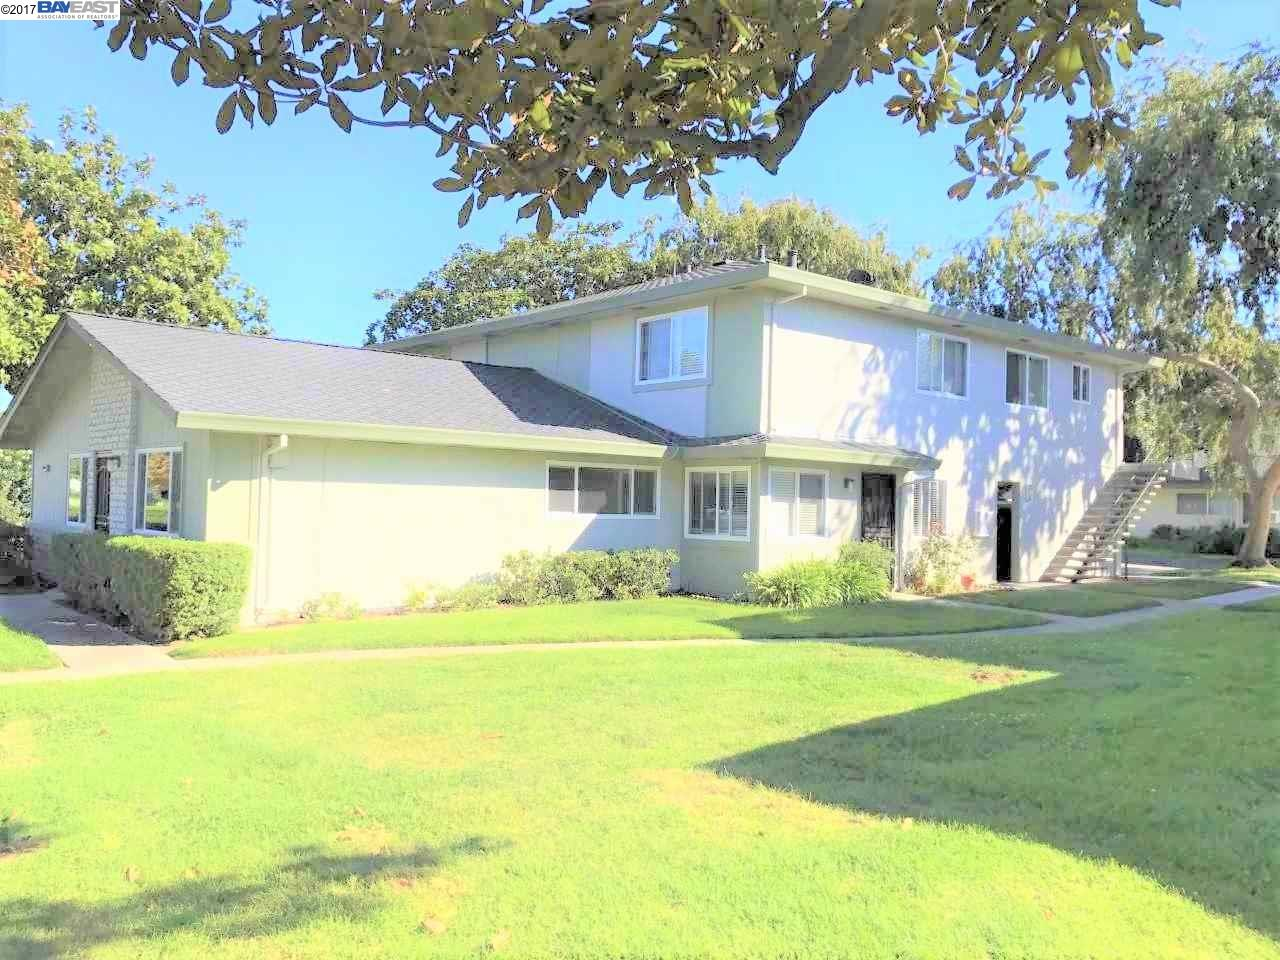 共管物業 為 出售 在 34765 Skylark Drive 34765 Skylark Drive Union City, 加利福尼亞州 94587 美國